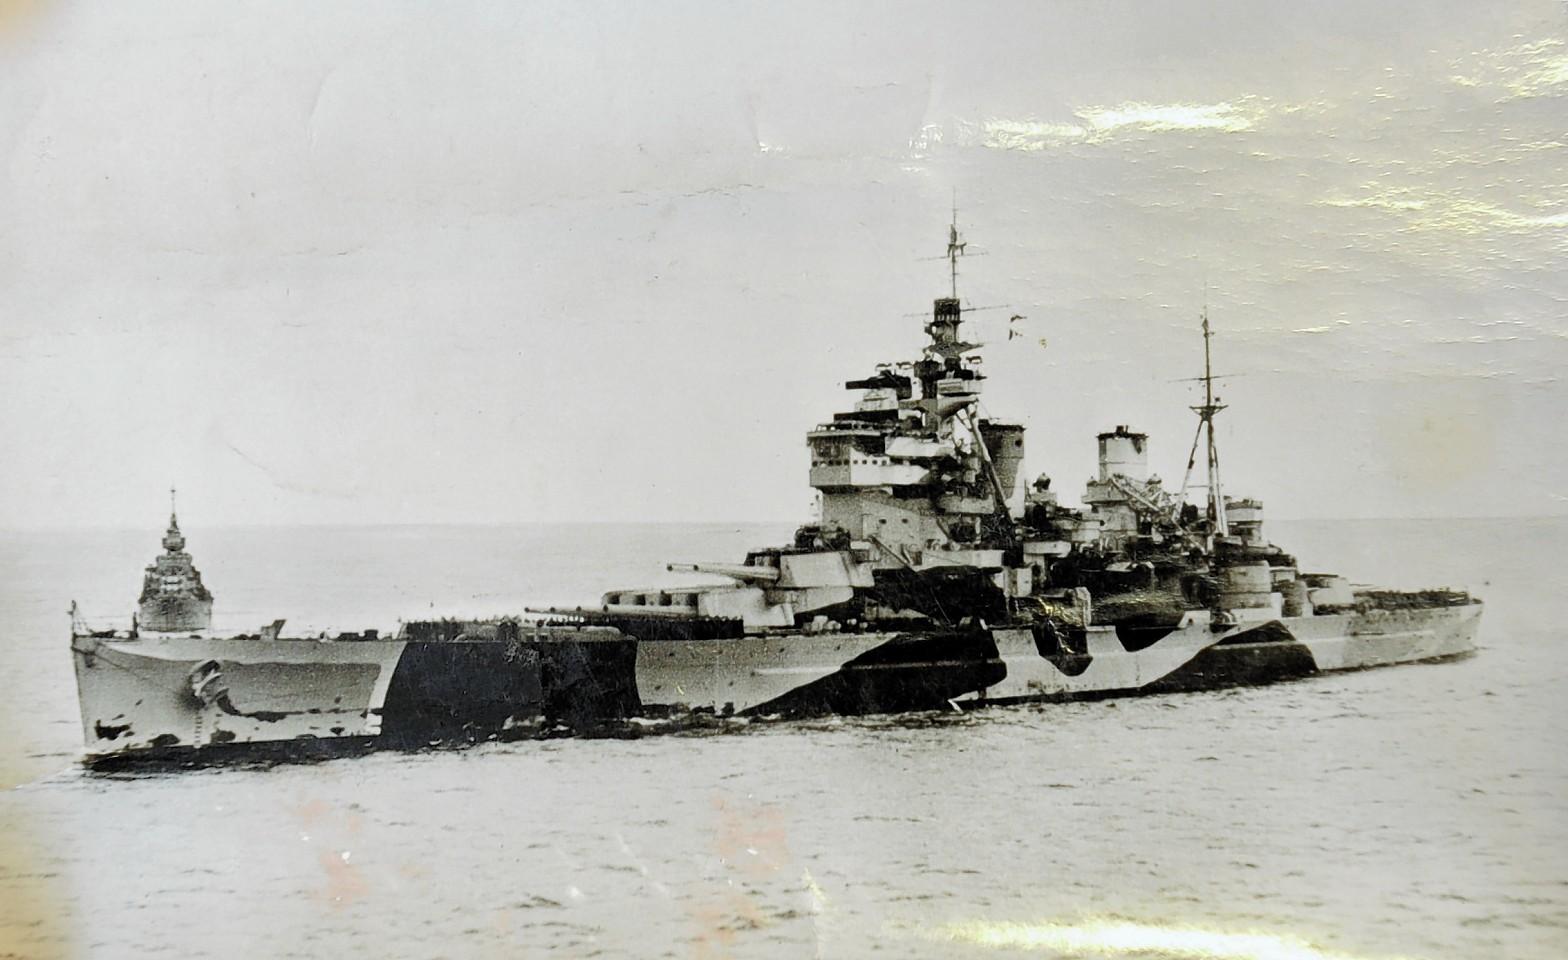 The HMS Anson